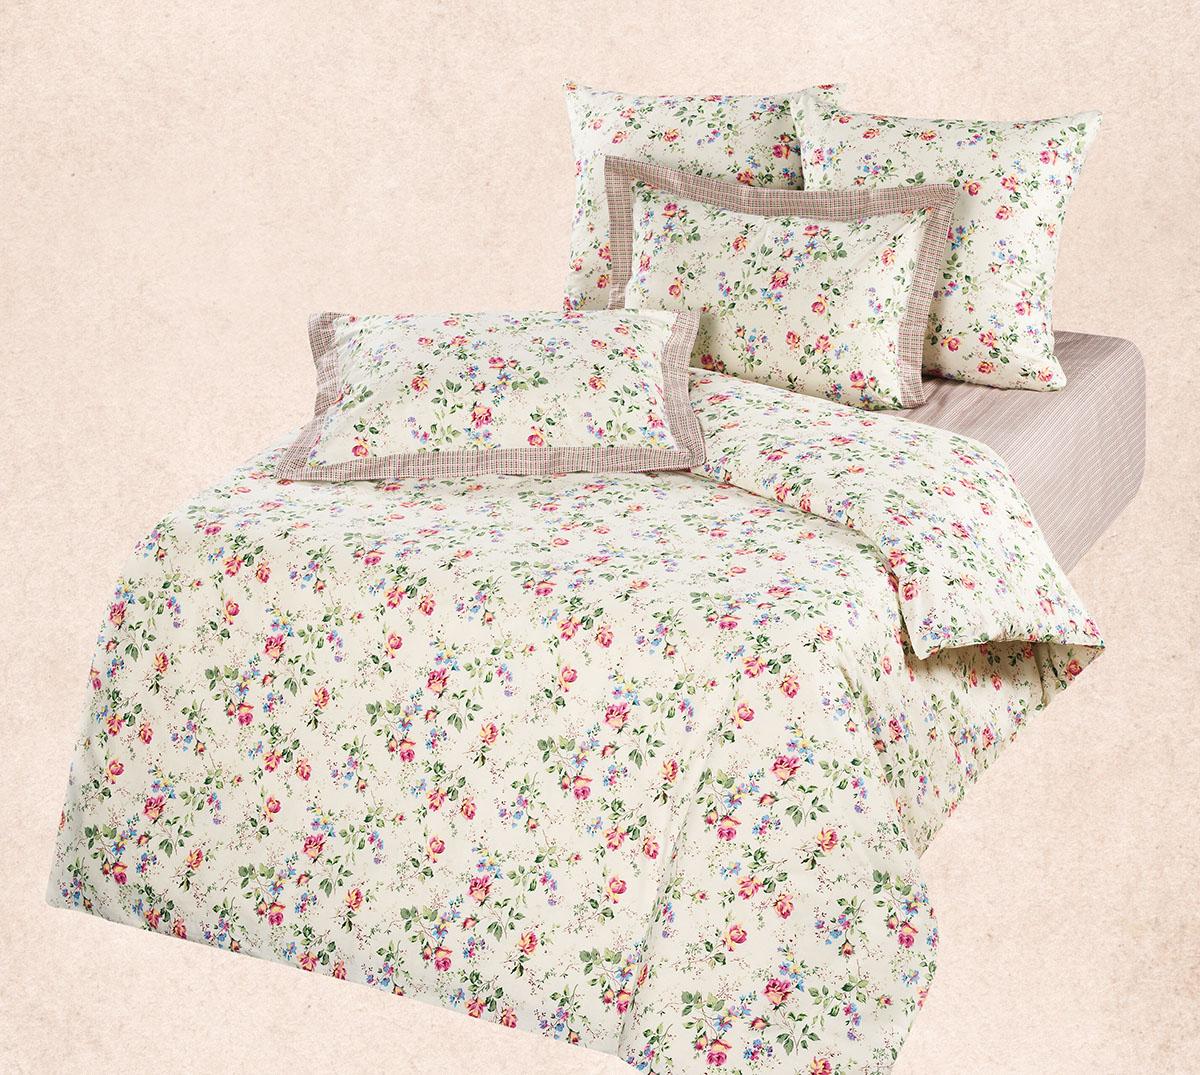 Комплект  Флора , размер Евро - Постельное белье артикул: 9045